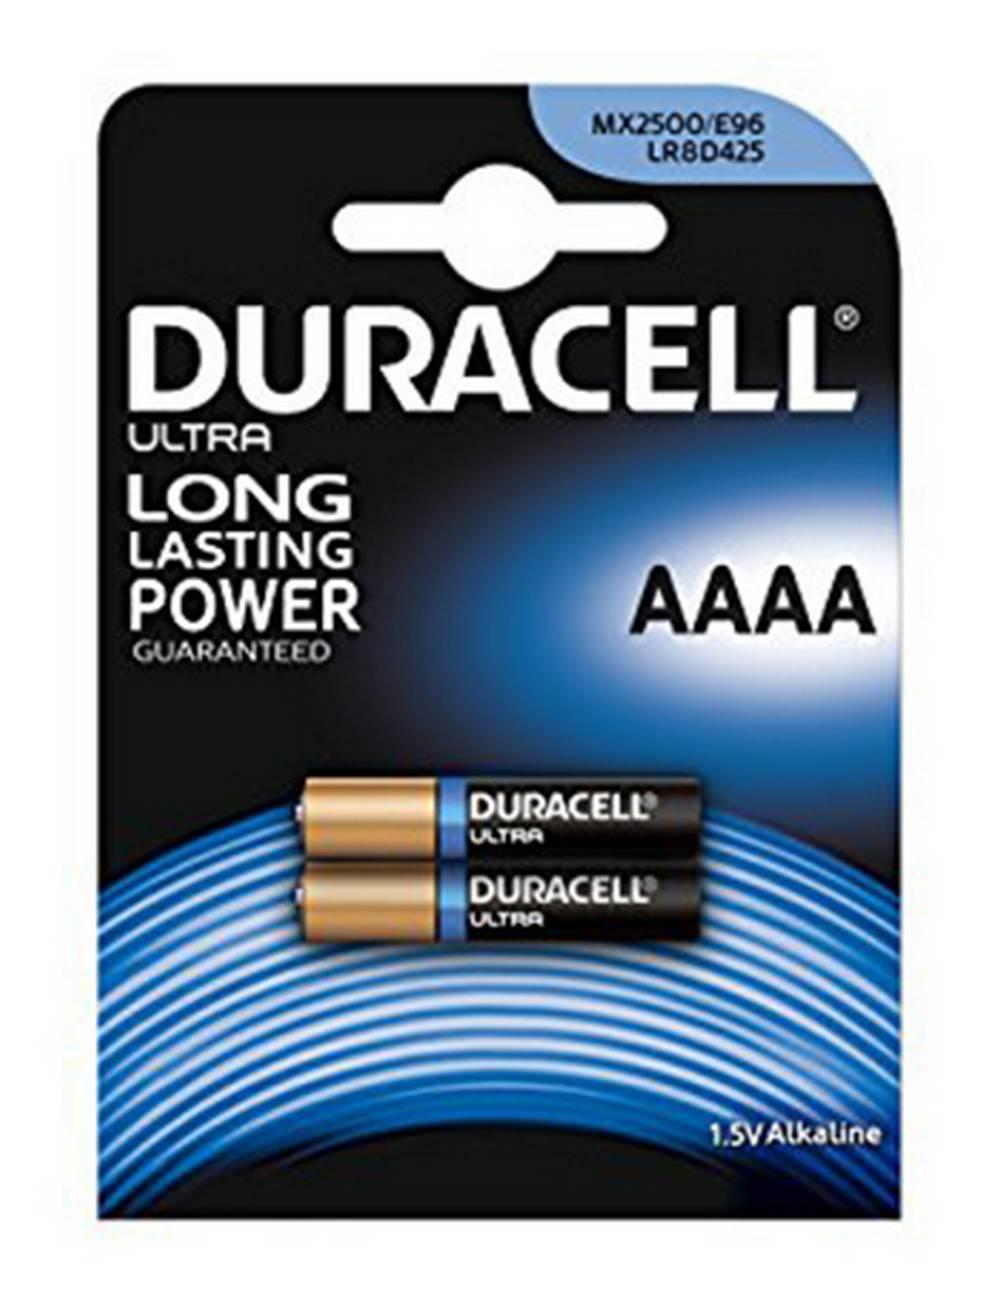 Μπαταρία Αλκαλική Duracell Long Lasting LR8D425 / MX2500 size AAAA Τεμ. 2